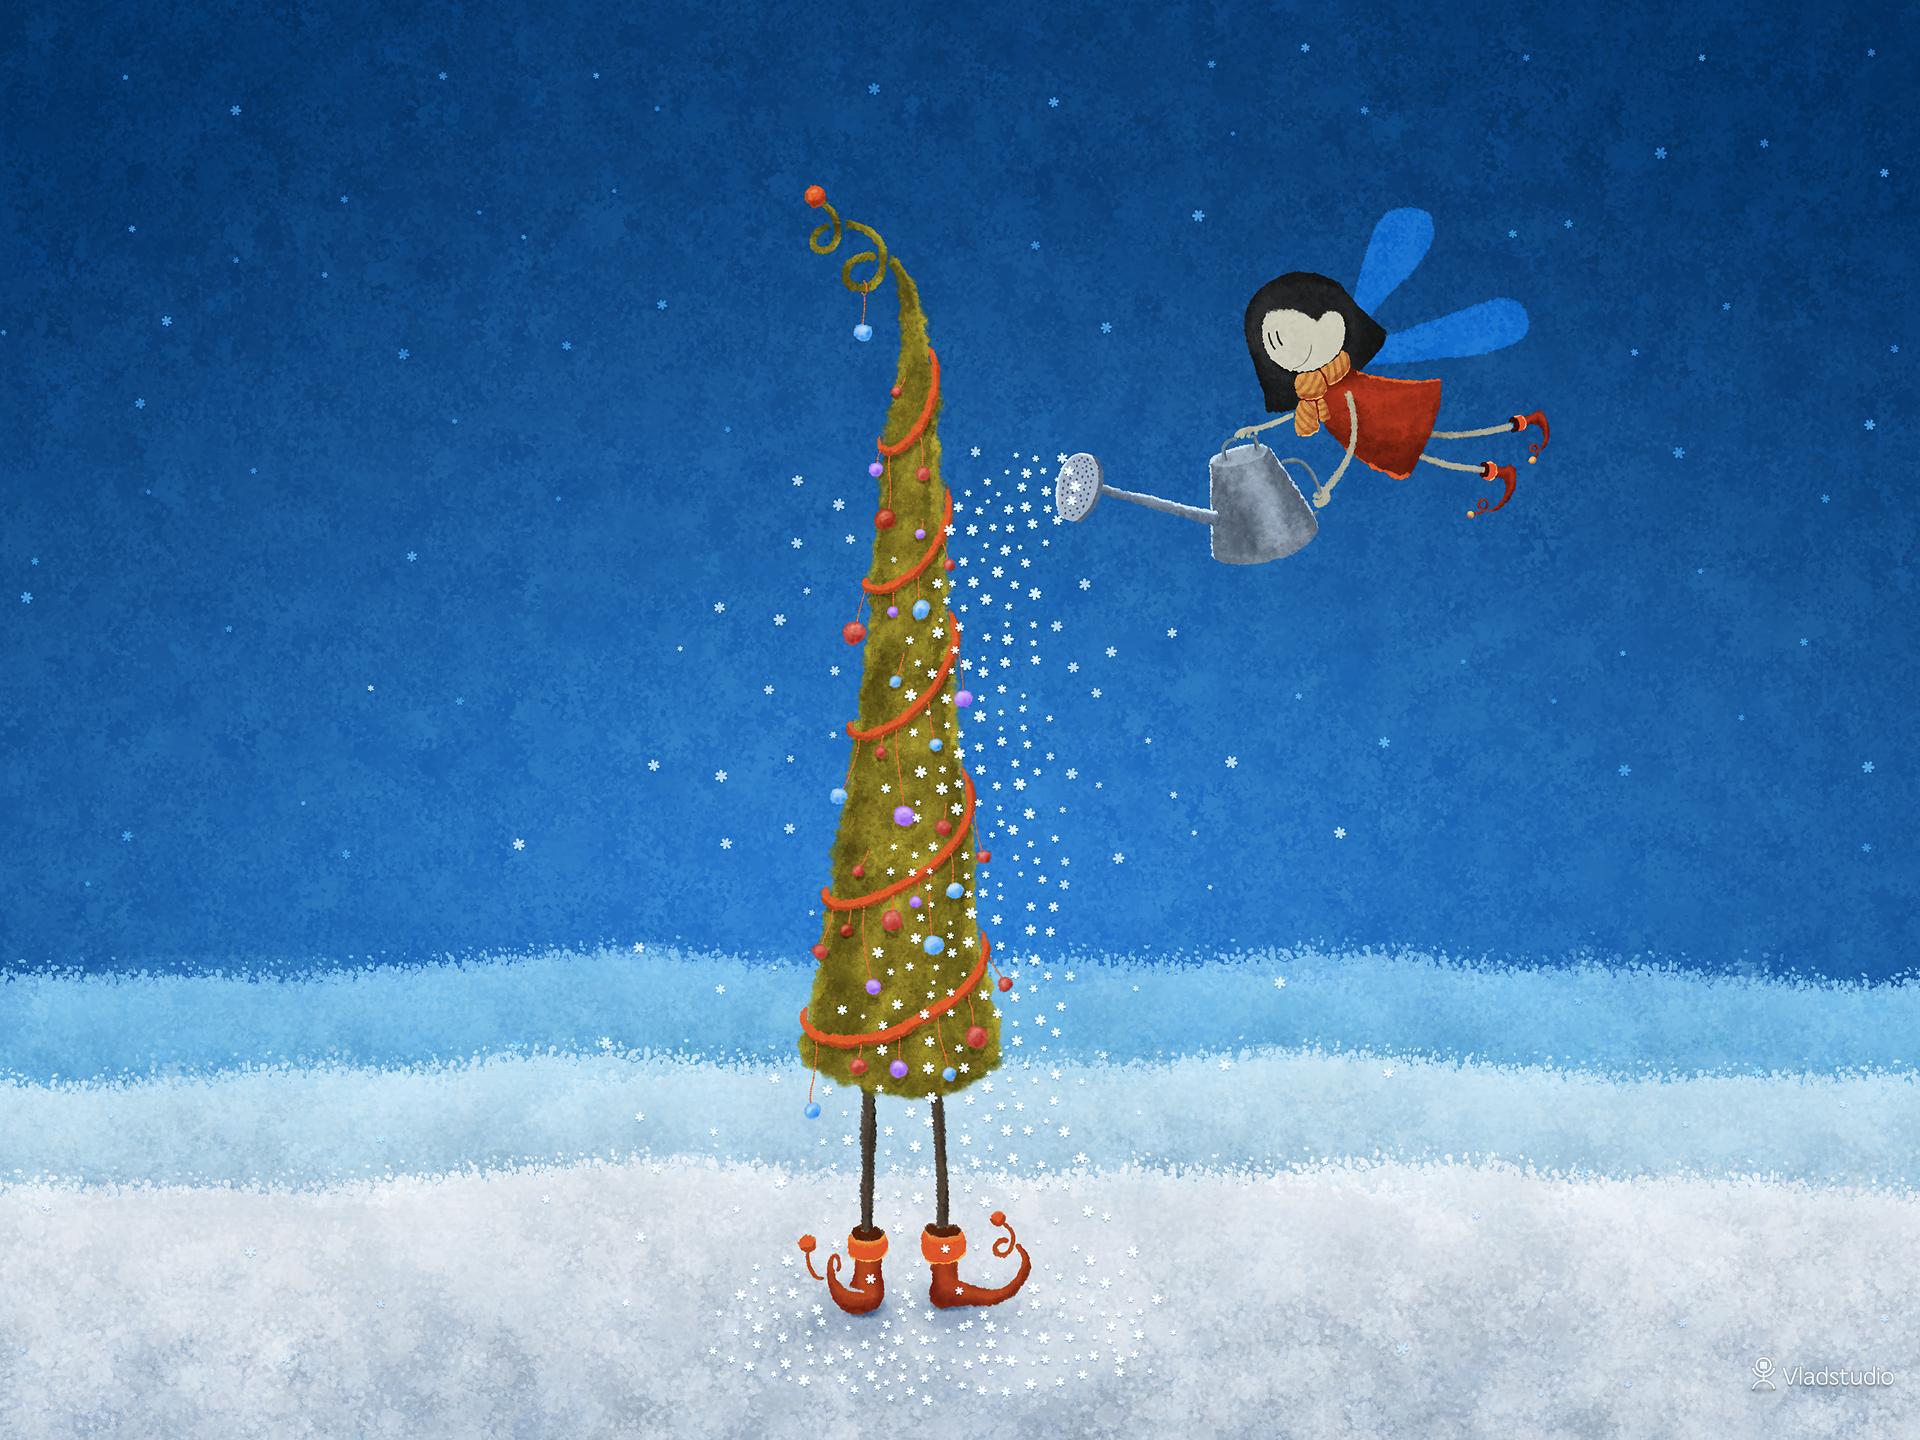 weihnachtsbaum-grusskarte-vlad-gerasimov